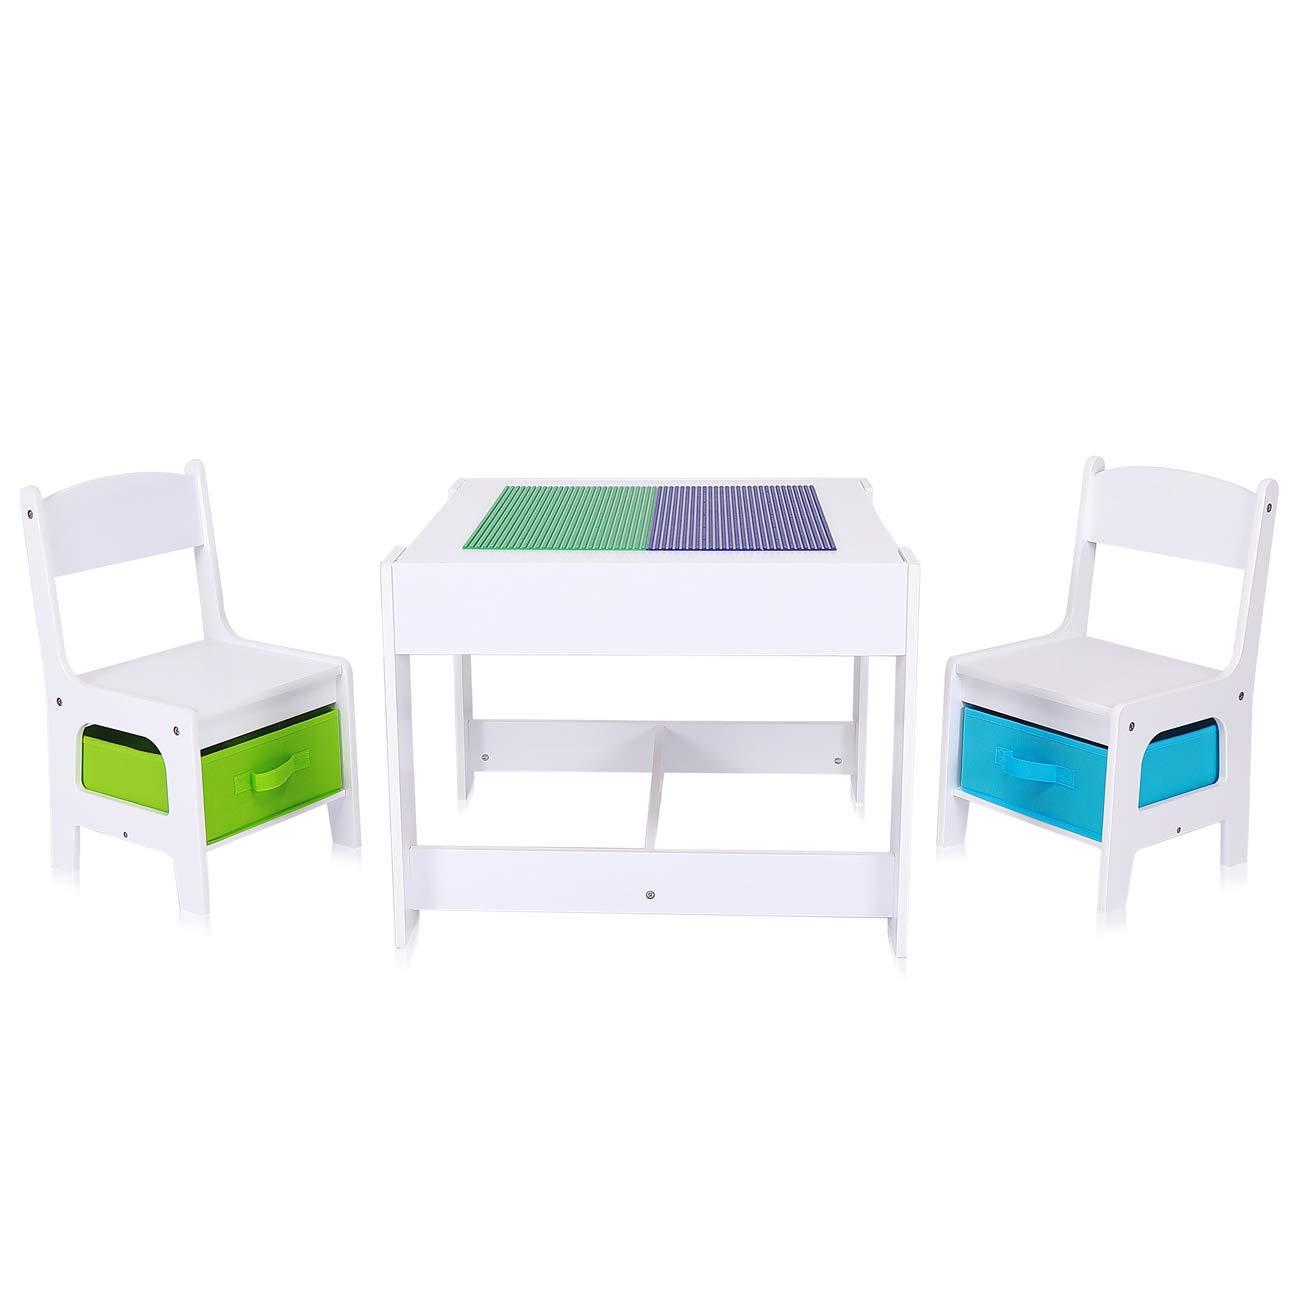 ddc4a1dccfba9e Baby Vivo Kindersitzgruppe Kindertischgruppe Kindermöbel Kinderzimmer Set  mit multifunktionalem Tisch und 2 Stühlen aus Holz -